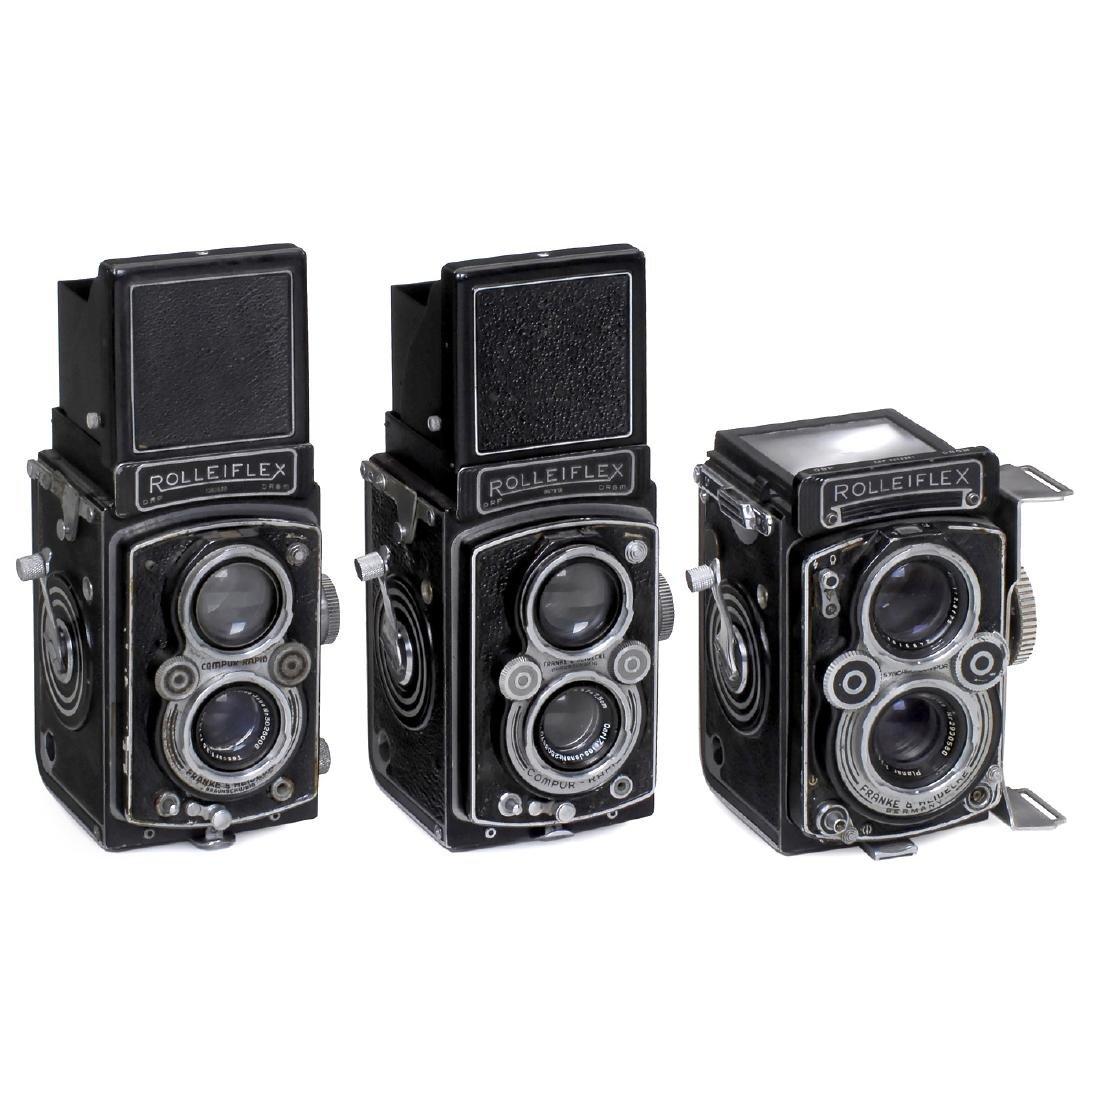 3 Rolleiflex TLR Cameras